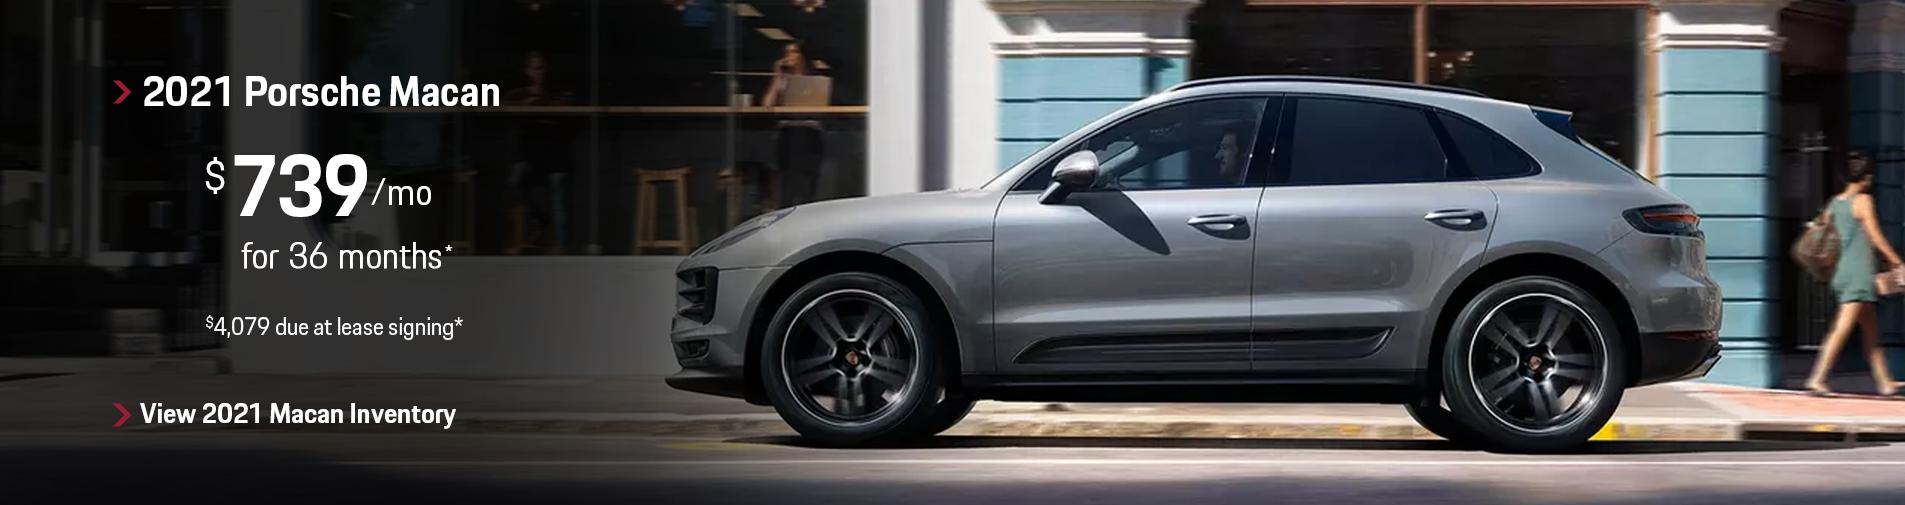 2021 Porsche Macan Lease Special